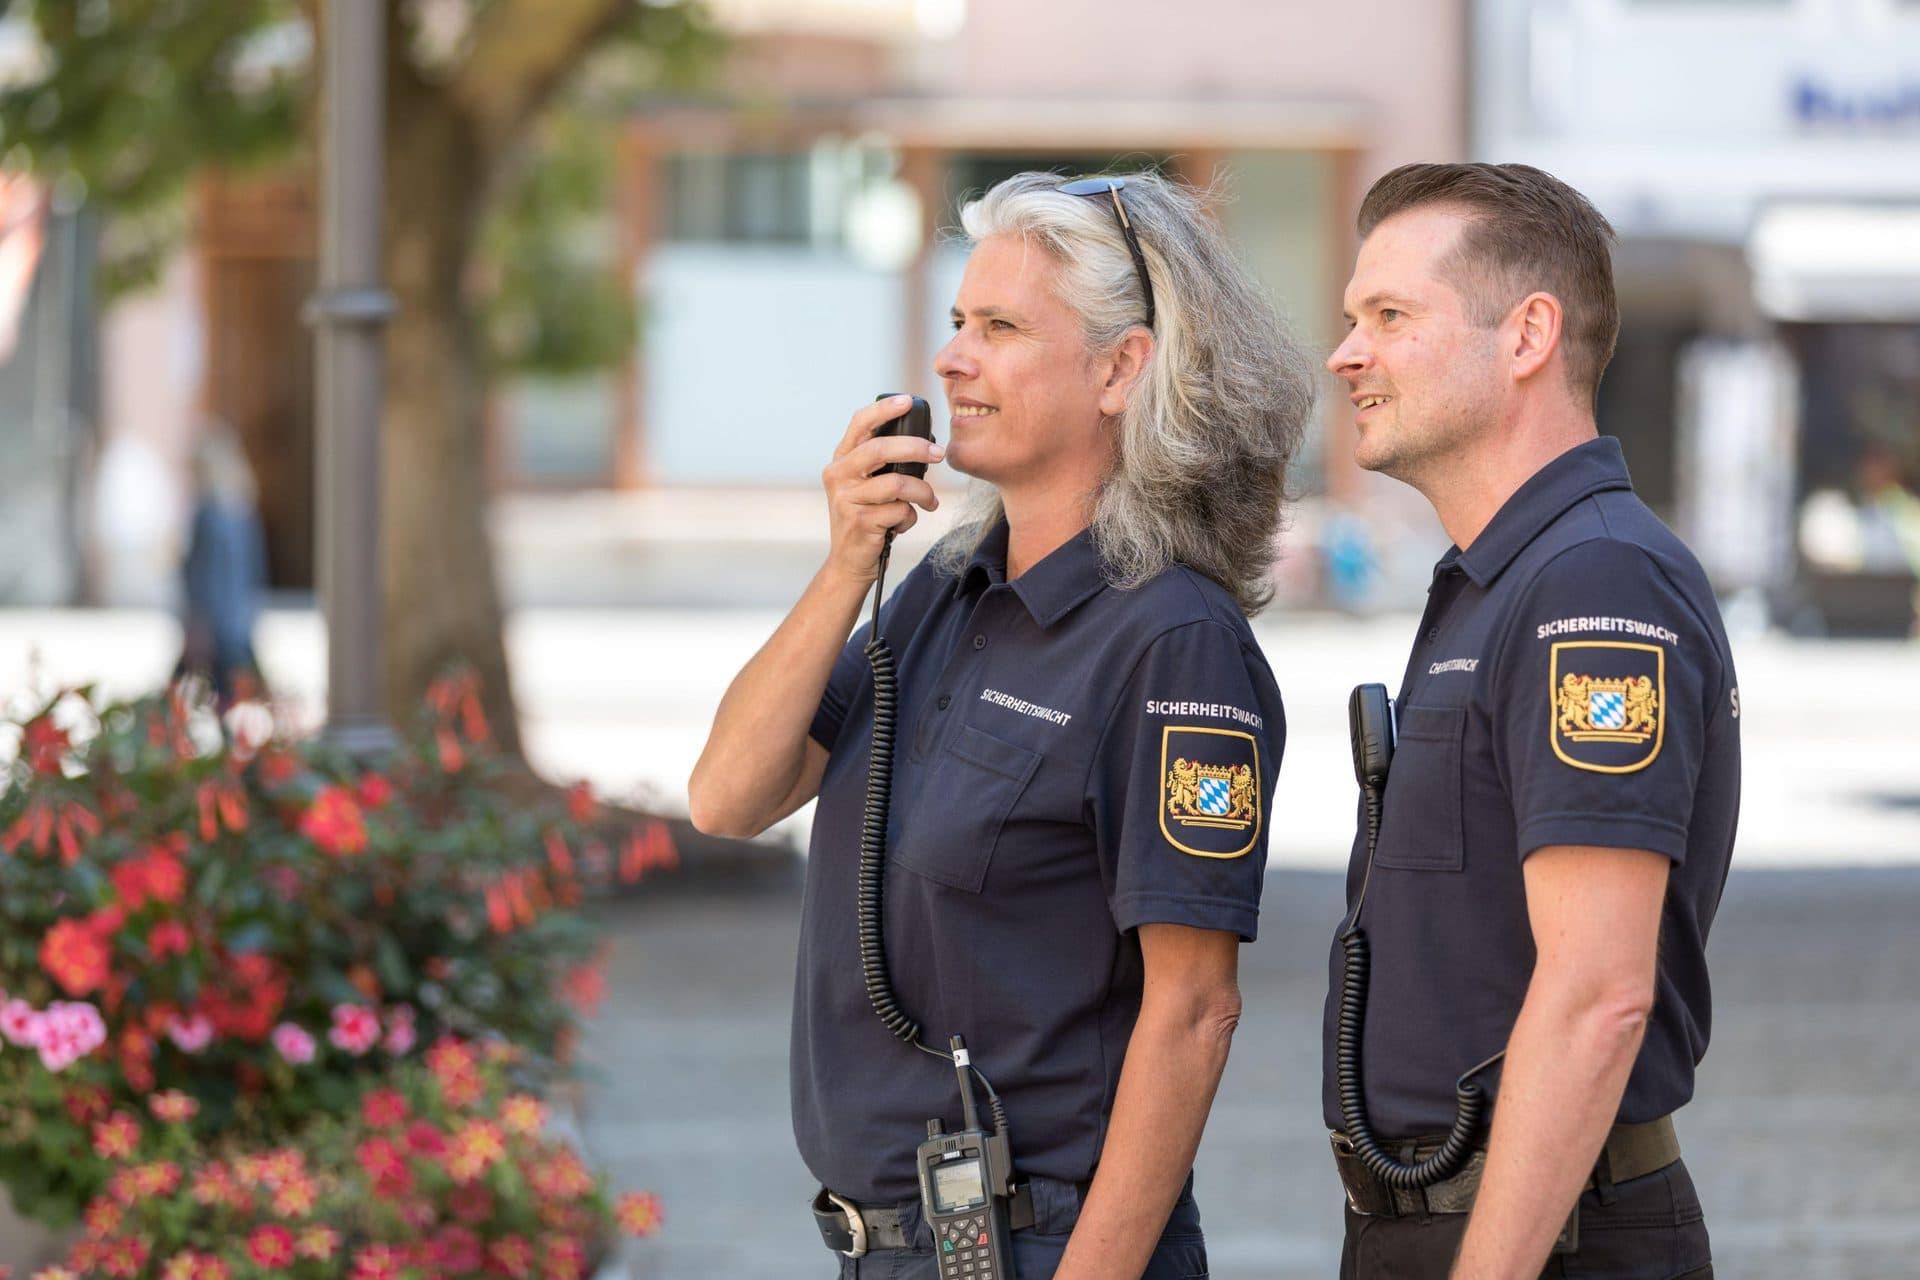 Helfen Sie dabei Regensburg sicherer zu machen PI Regensburg Nord sucht Interessierte für Sicherheitswacht